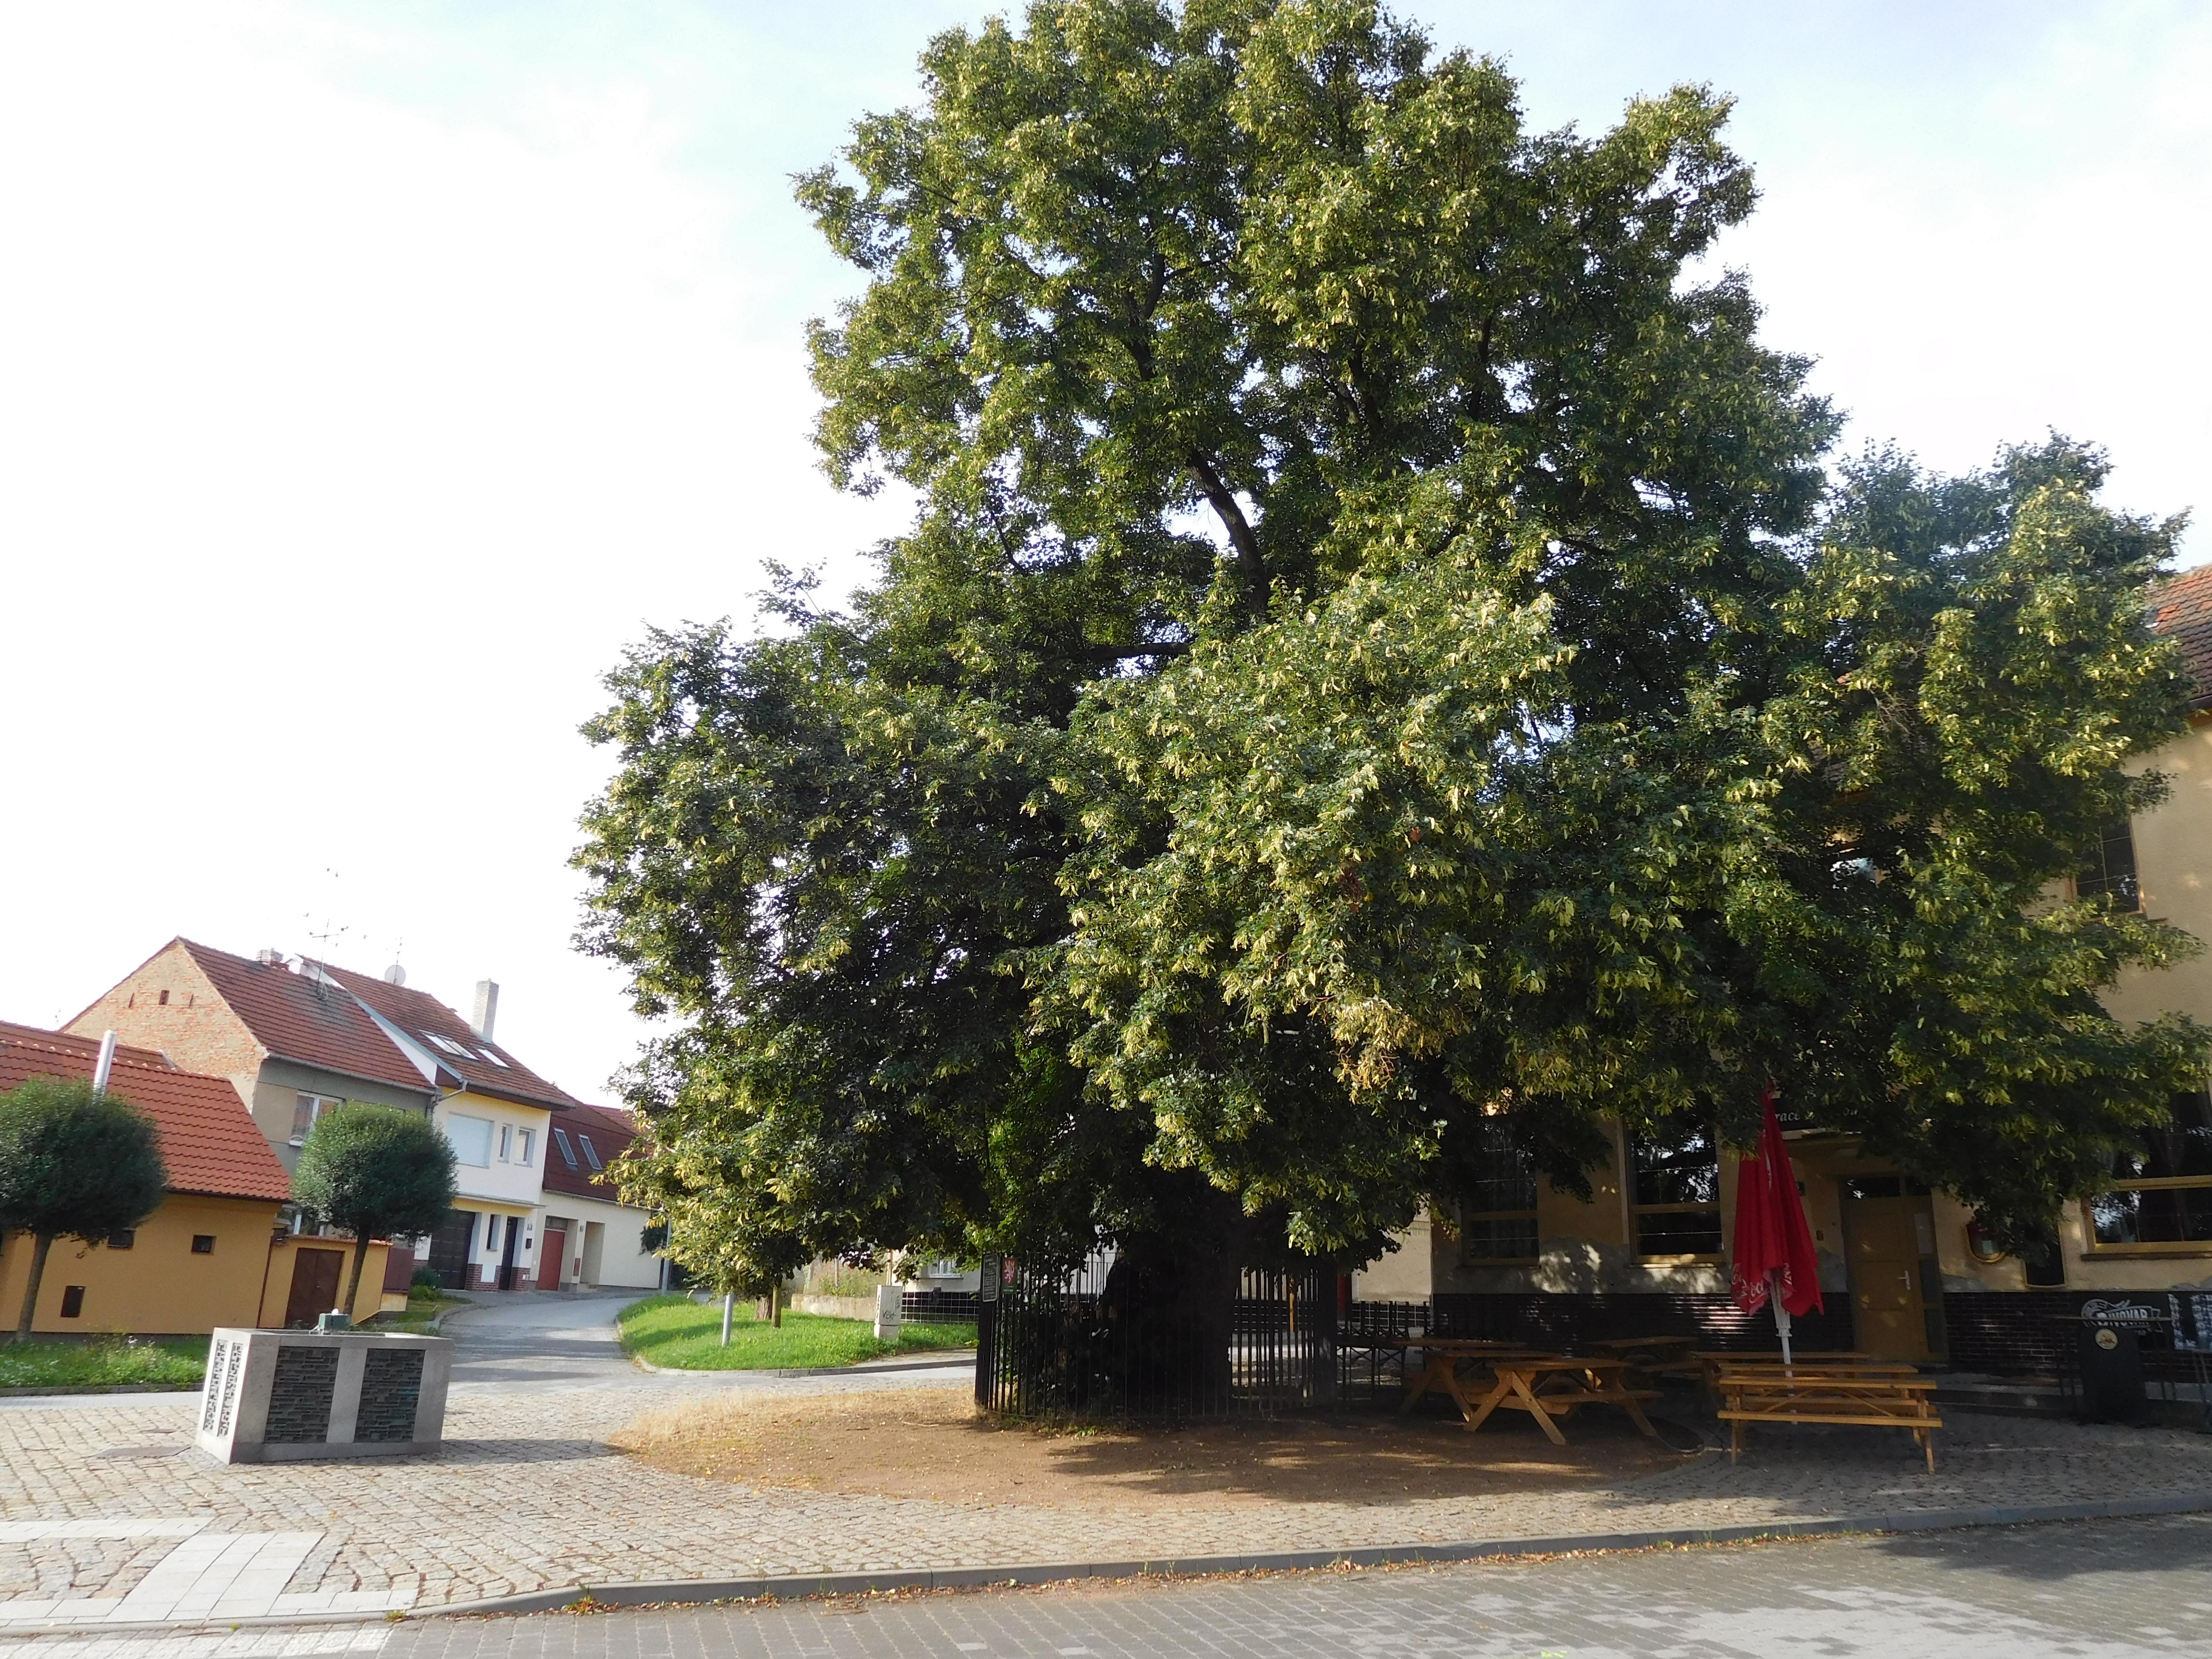 Nejstarší strom v Brně – ZAJÍMAVOST DNE